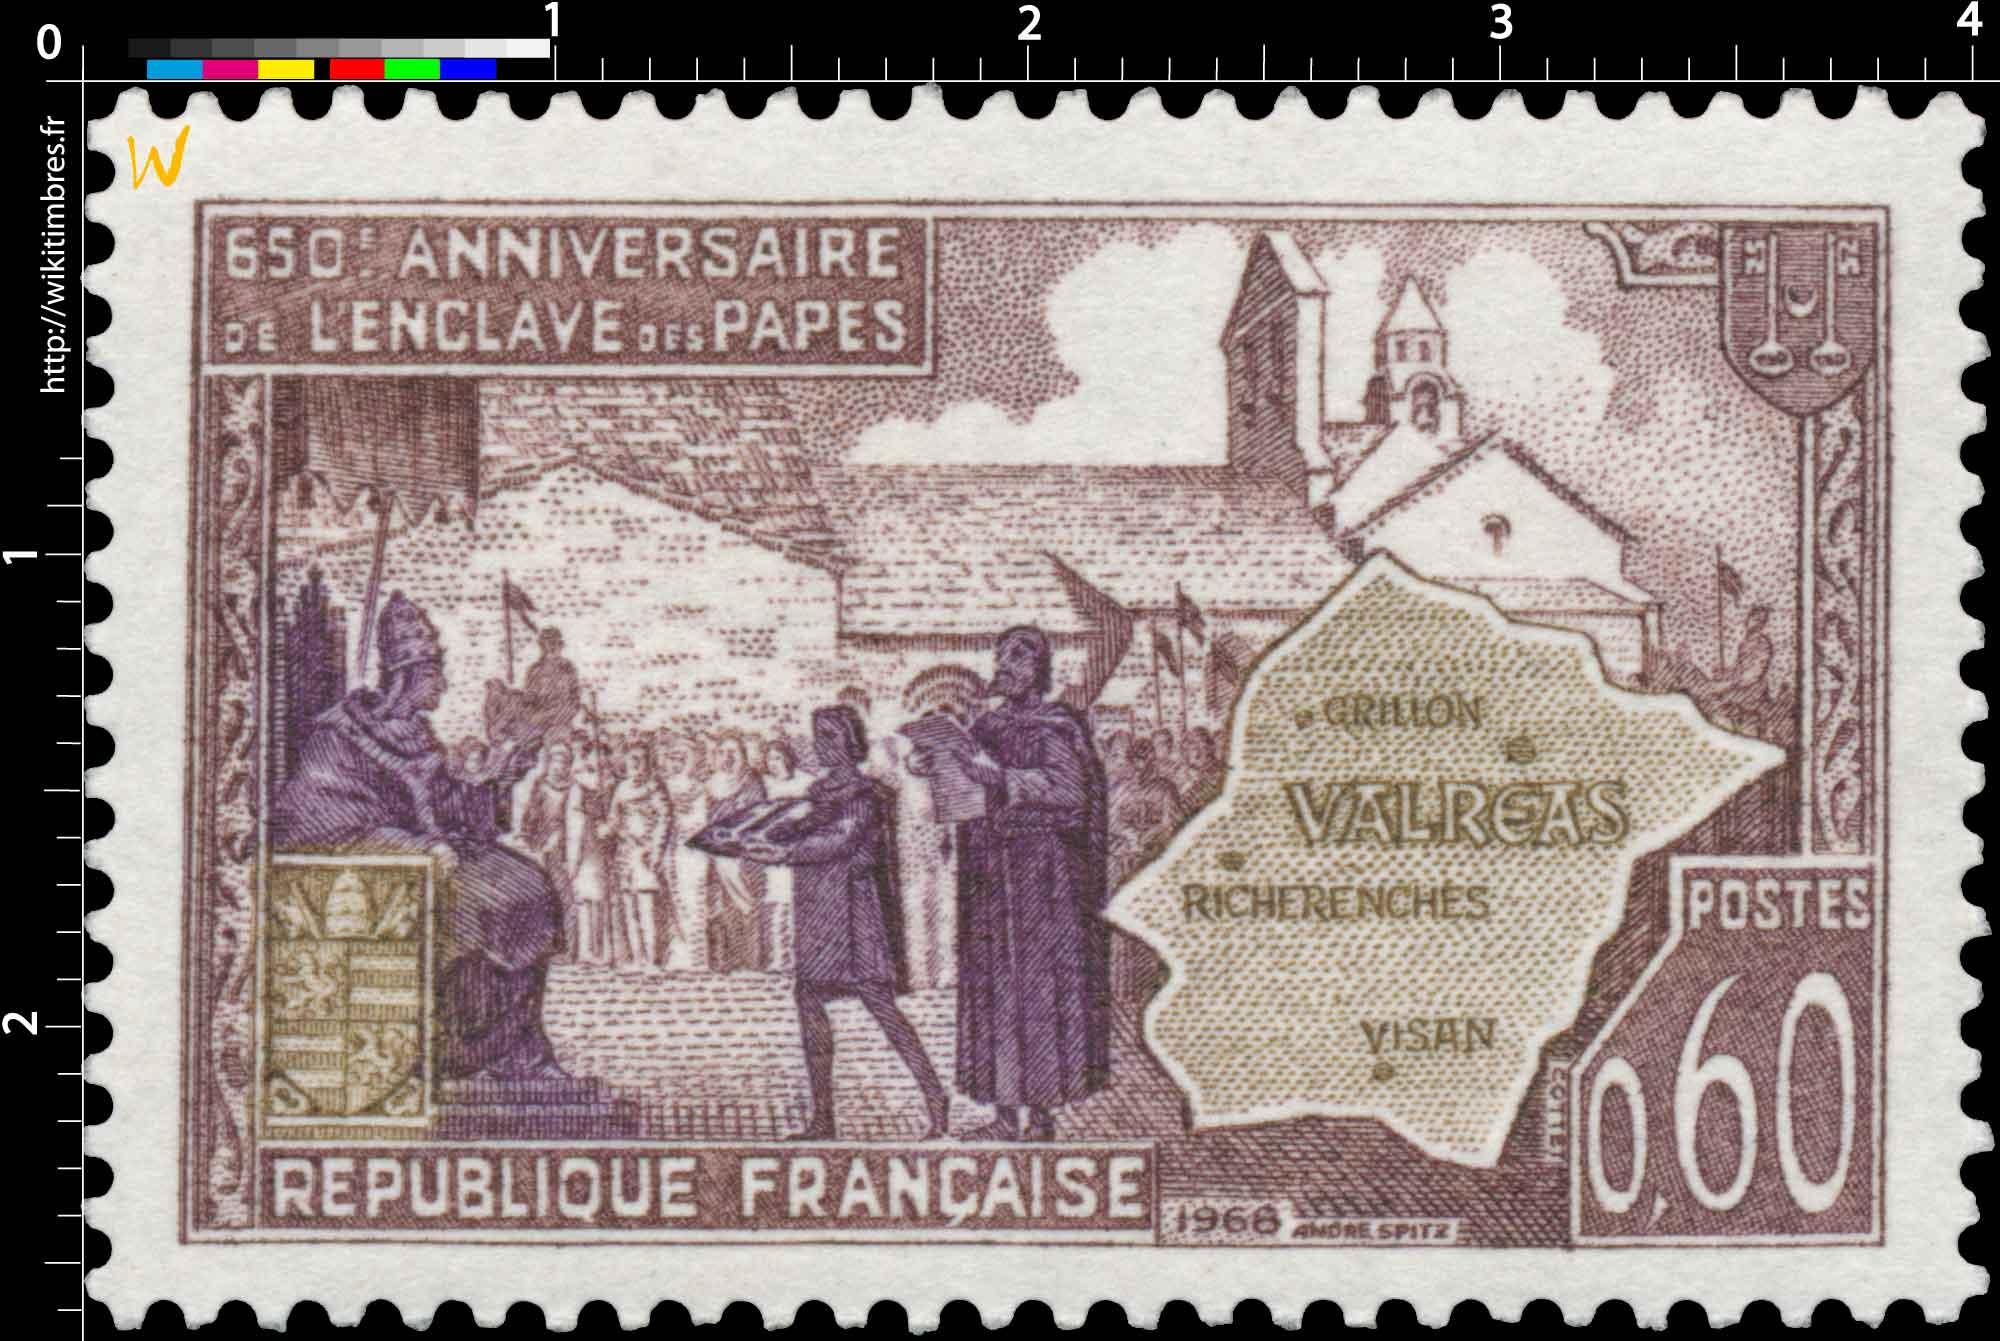 1968 650e ANNIVERSAIRE DE L'ENCLAVE DES PAPES VALRÉAS